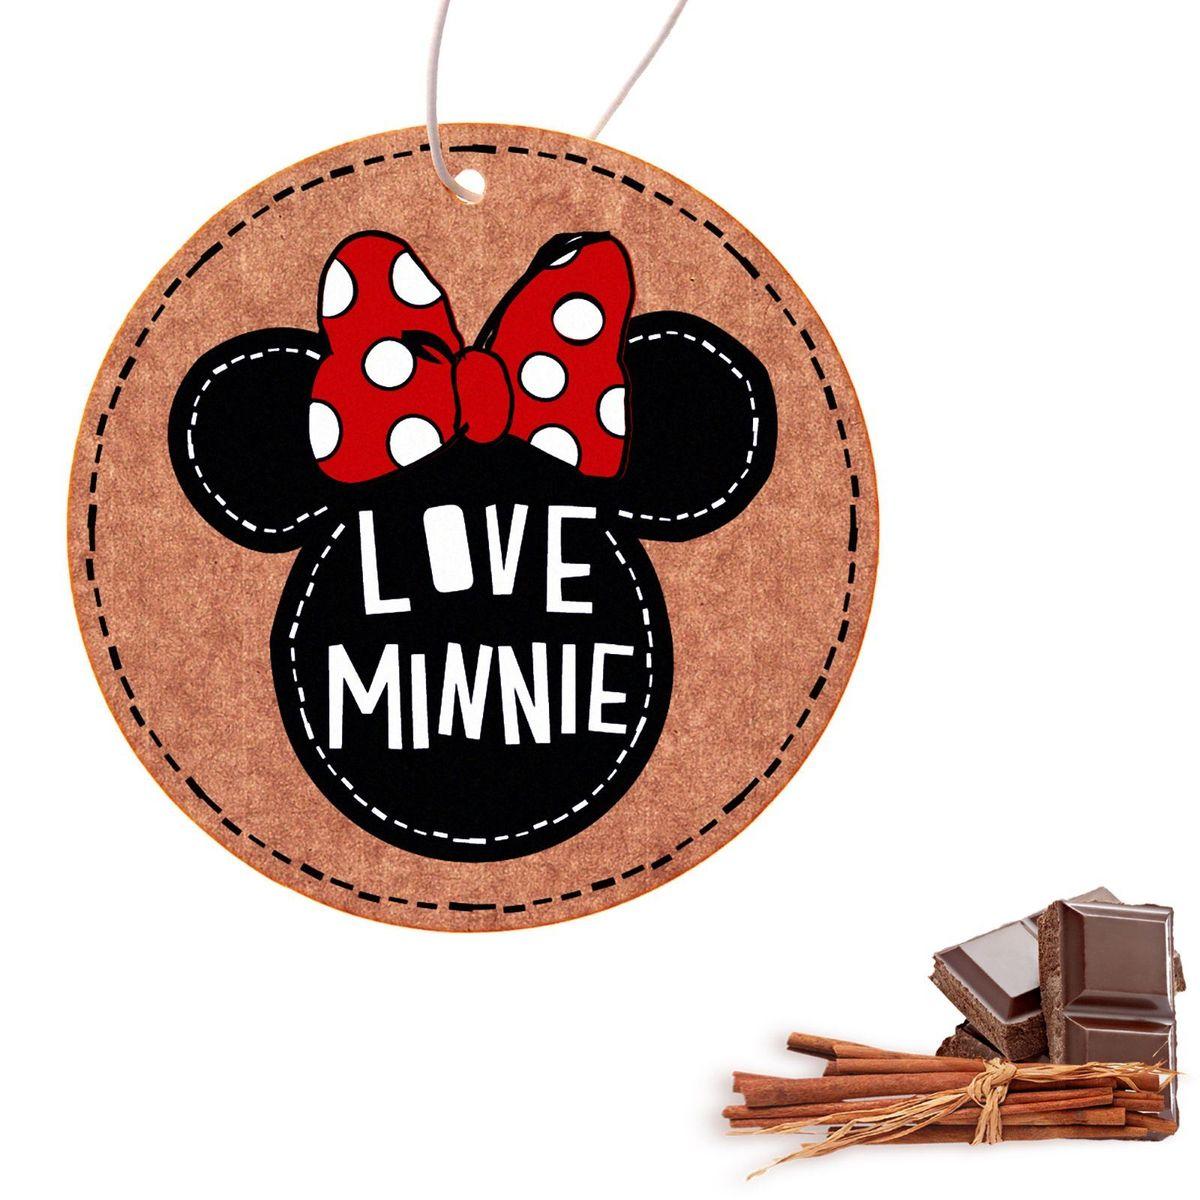 Ароматизатор в авто Disney Минни Маус. Love Minnie, 8,6 х 16,1 см1149006Яркость в серые городские будни и скучную езду по пробкам добавит ароматизатор в авто Love Minnie, Минни Маус. В нем сочетаются эксклюзивный дизайн и приятный аромат. Повесьте его на зеркало, и любимые герои уничтожат неприятные запахи.Если у вас нет автомобиля — не беда! Повесьте ароматизатор дома или на работе и наслаждайтесь чудесным благоуханием.